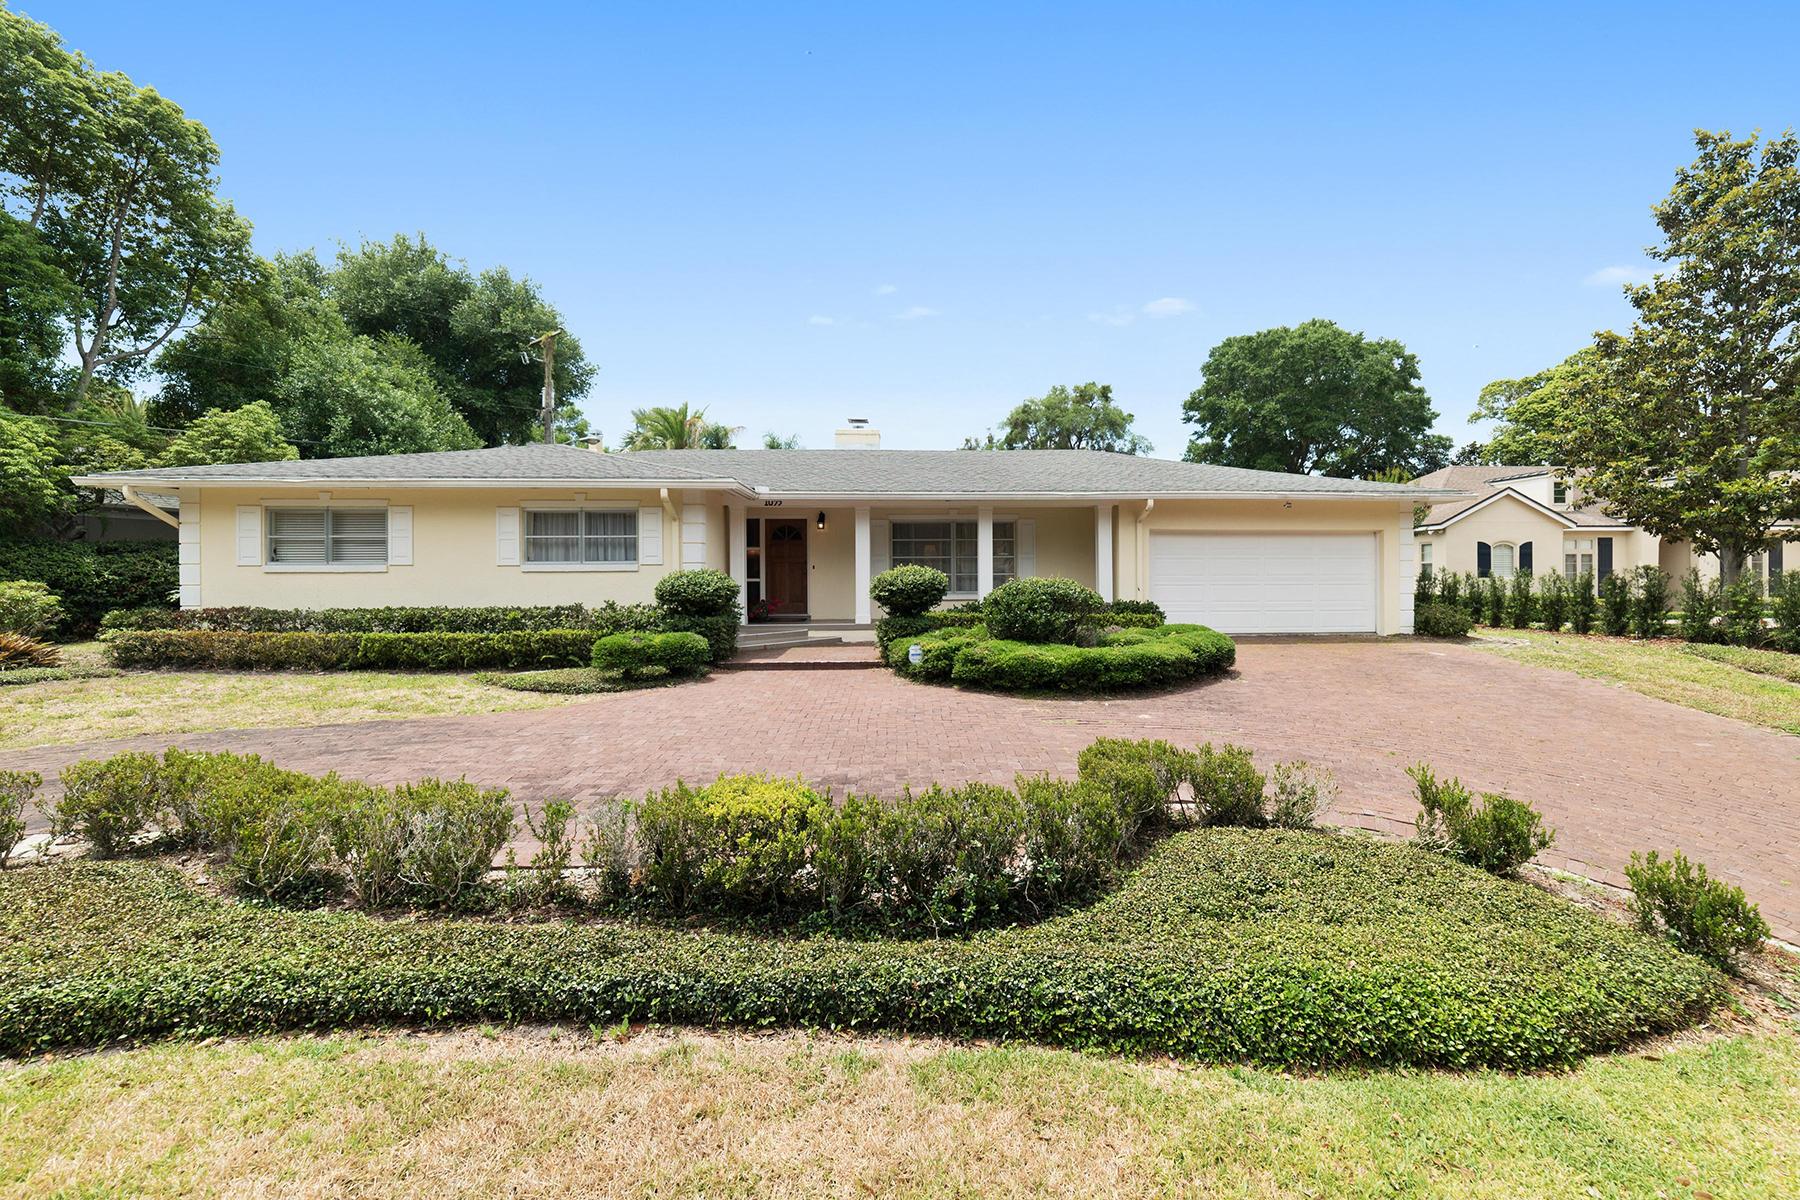 단독 가정 주택 용 매매 에 1095 Mckean Cir , Winter Park, FL 32789 1095 Mckean Cir Winter Park, 플로리다, 32789 미국